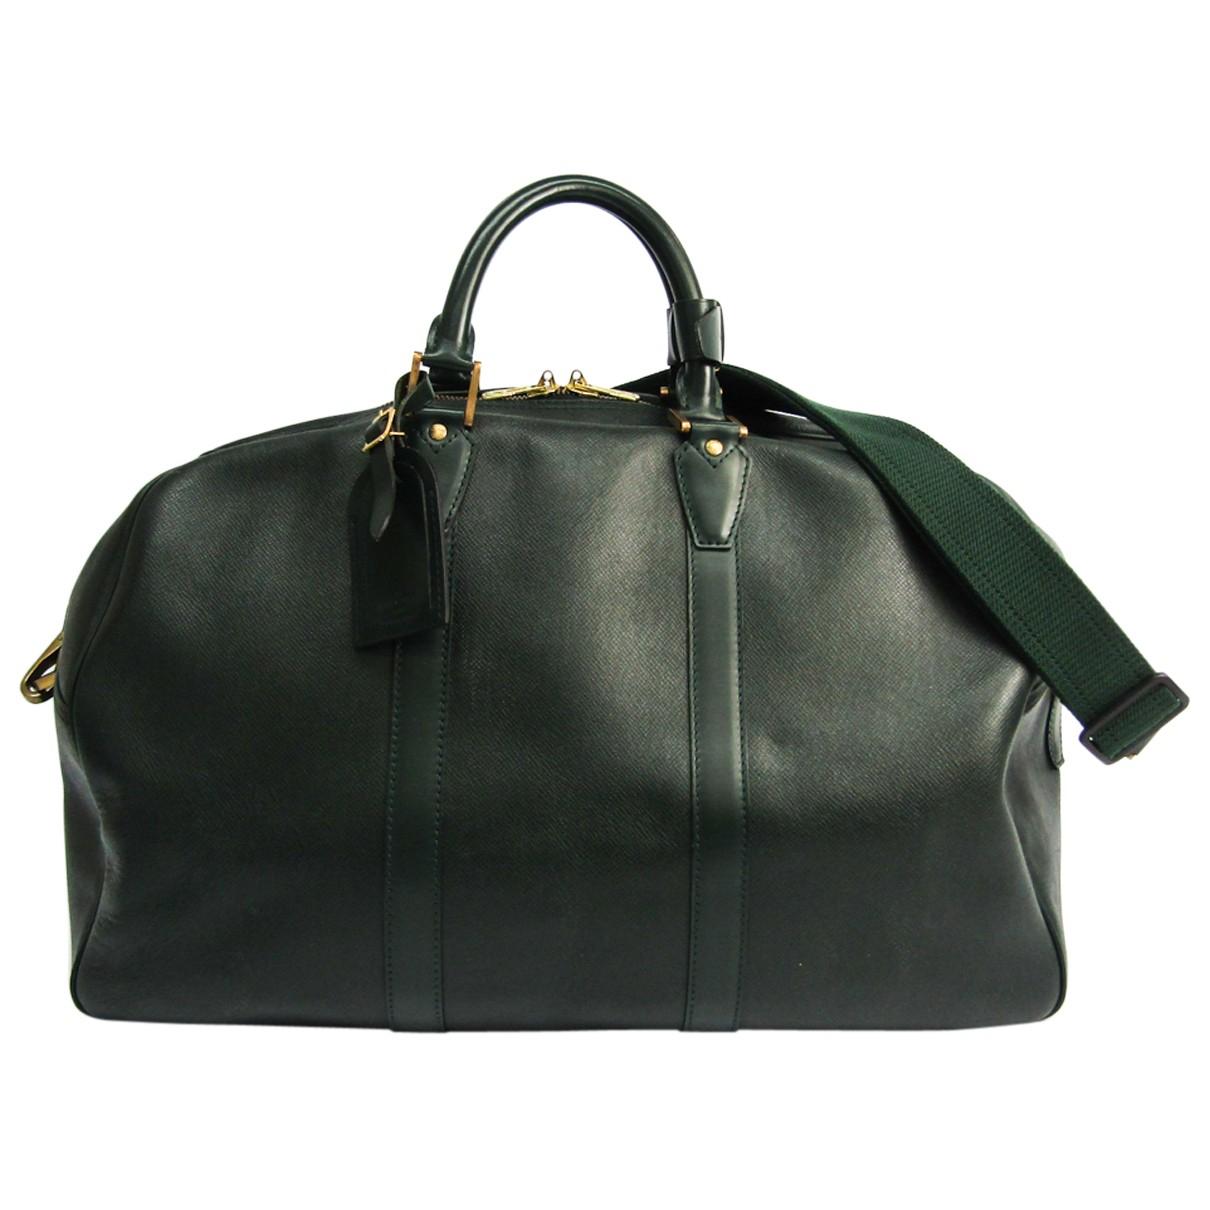 Louis Vuitton - Sac de voyage   pour femme en cuir - vert